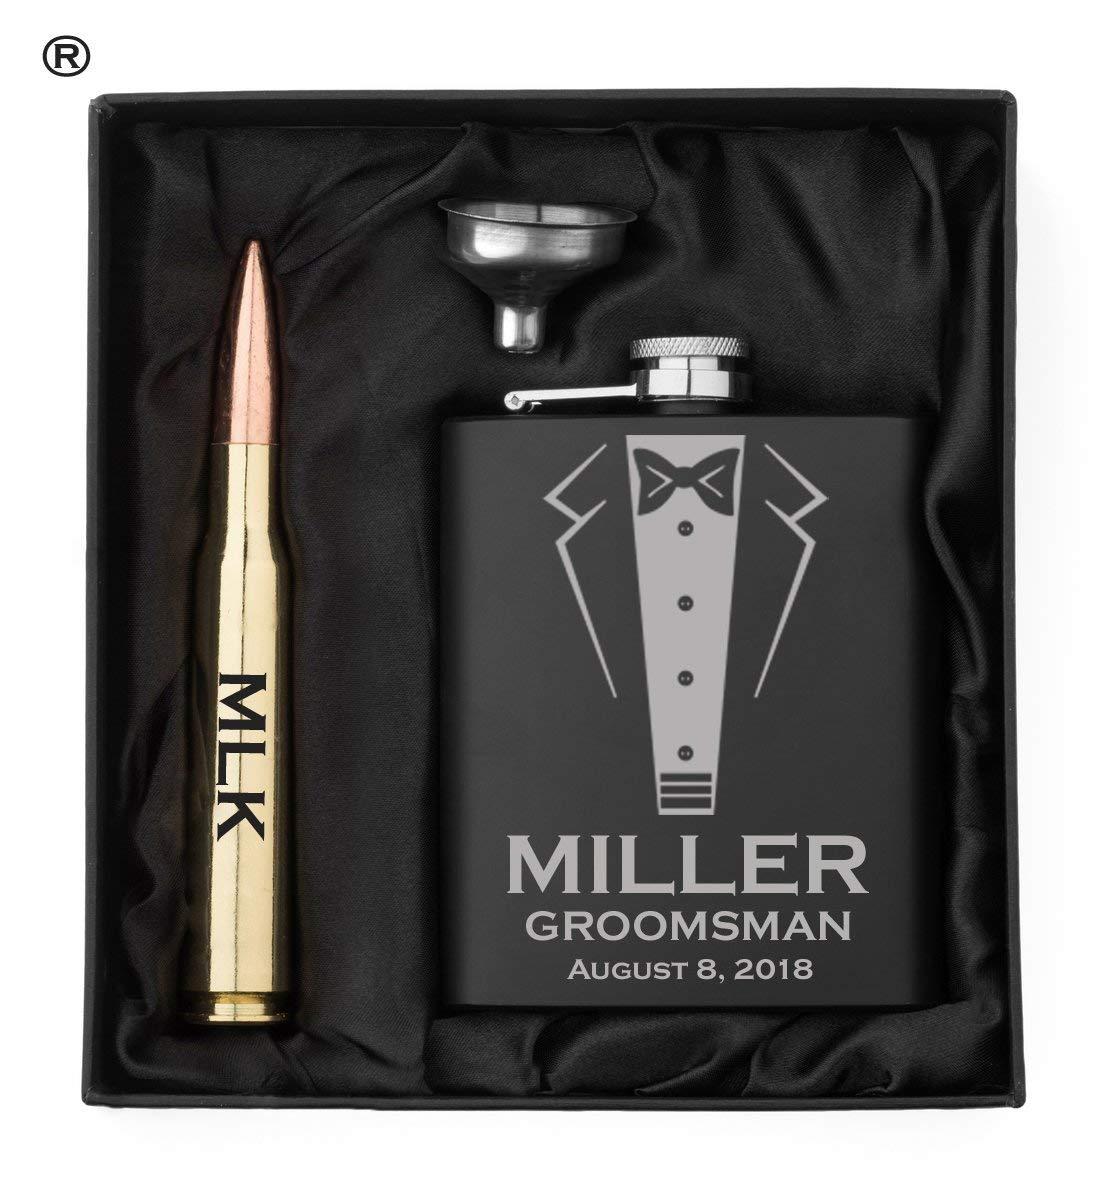 Engraved Matte Black Hip Flask, Funnel and Brass 50 Caliber Bullet Bottle Opener Wedding Tuxedo Gift Box 50 Cal Custom Personalized